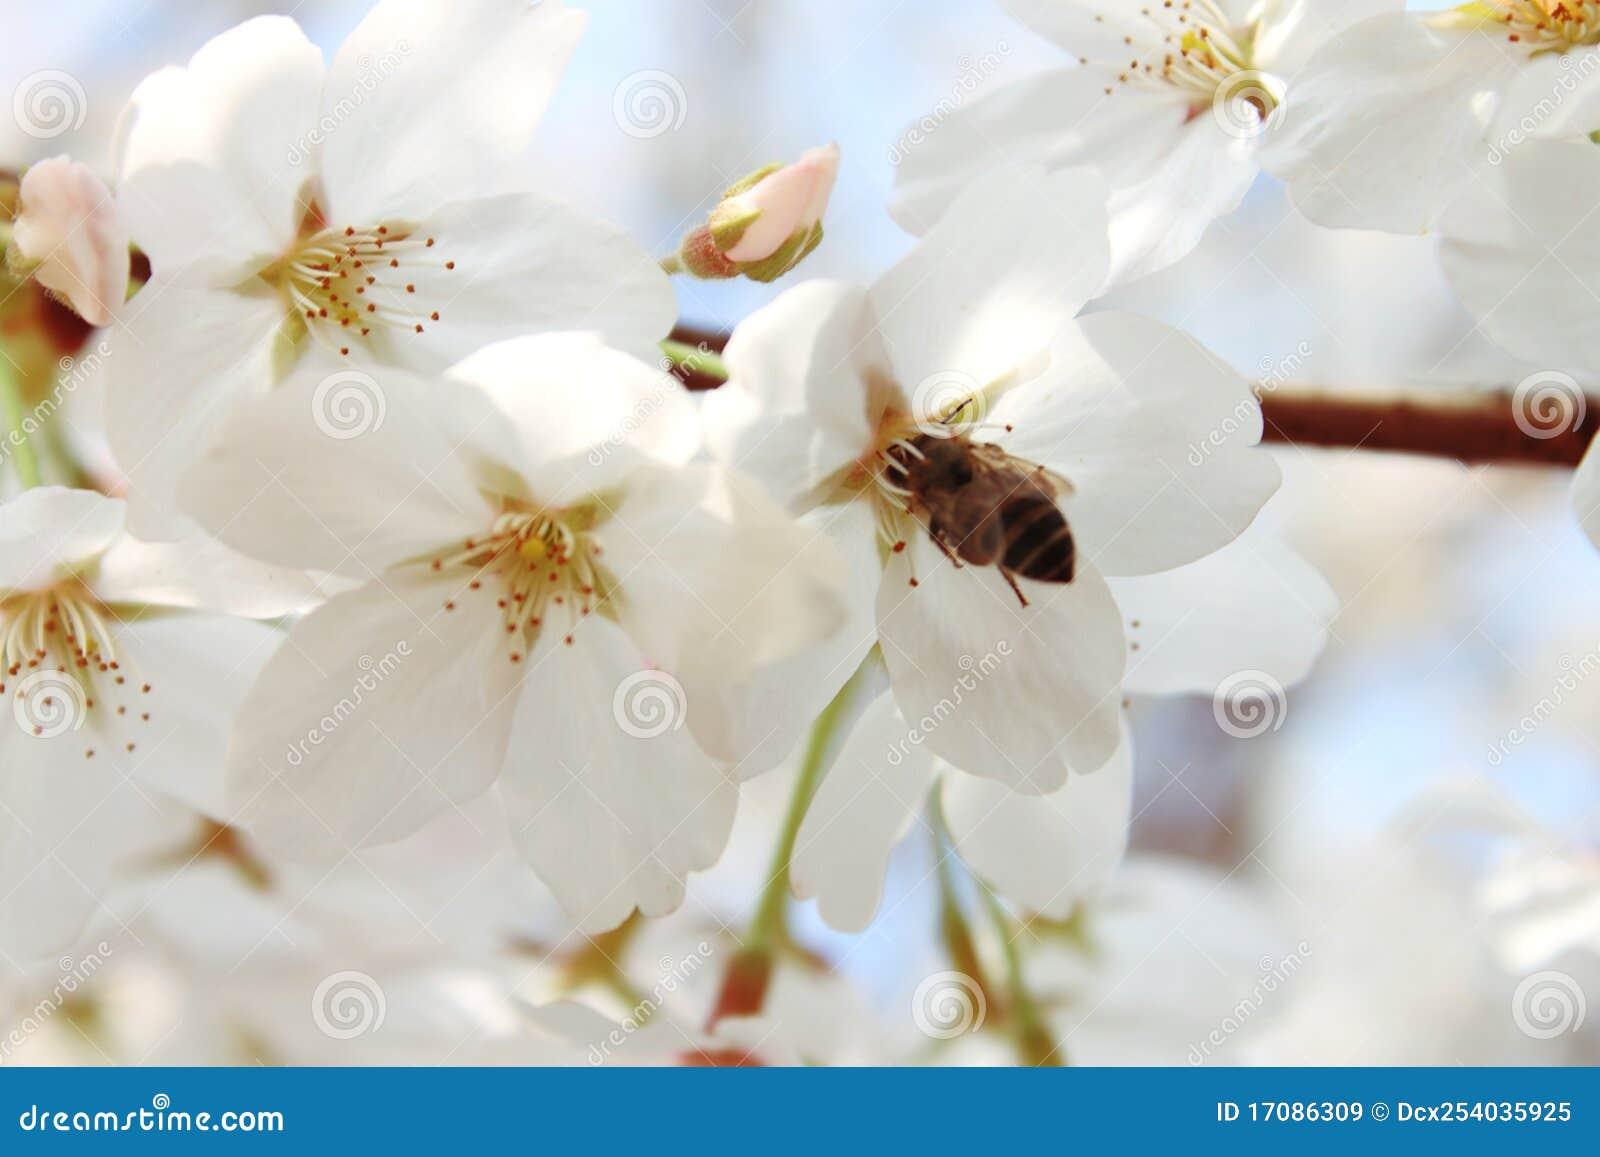 Biene und Kirsche